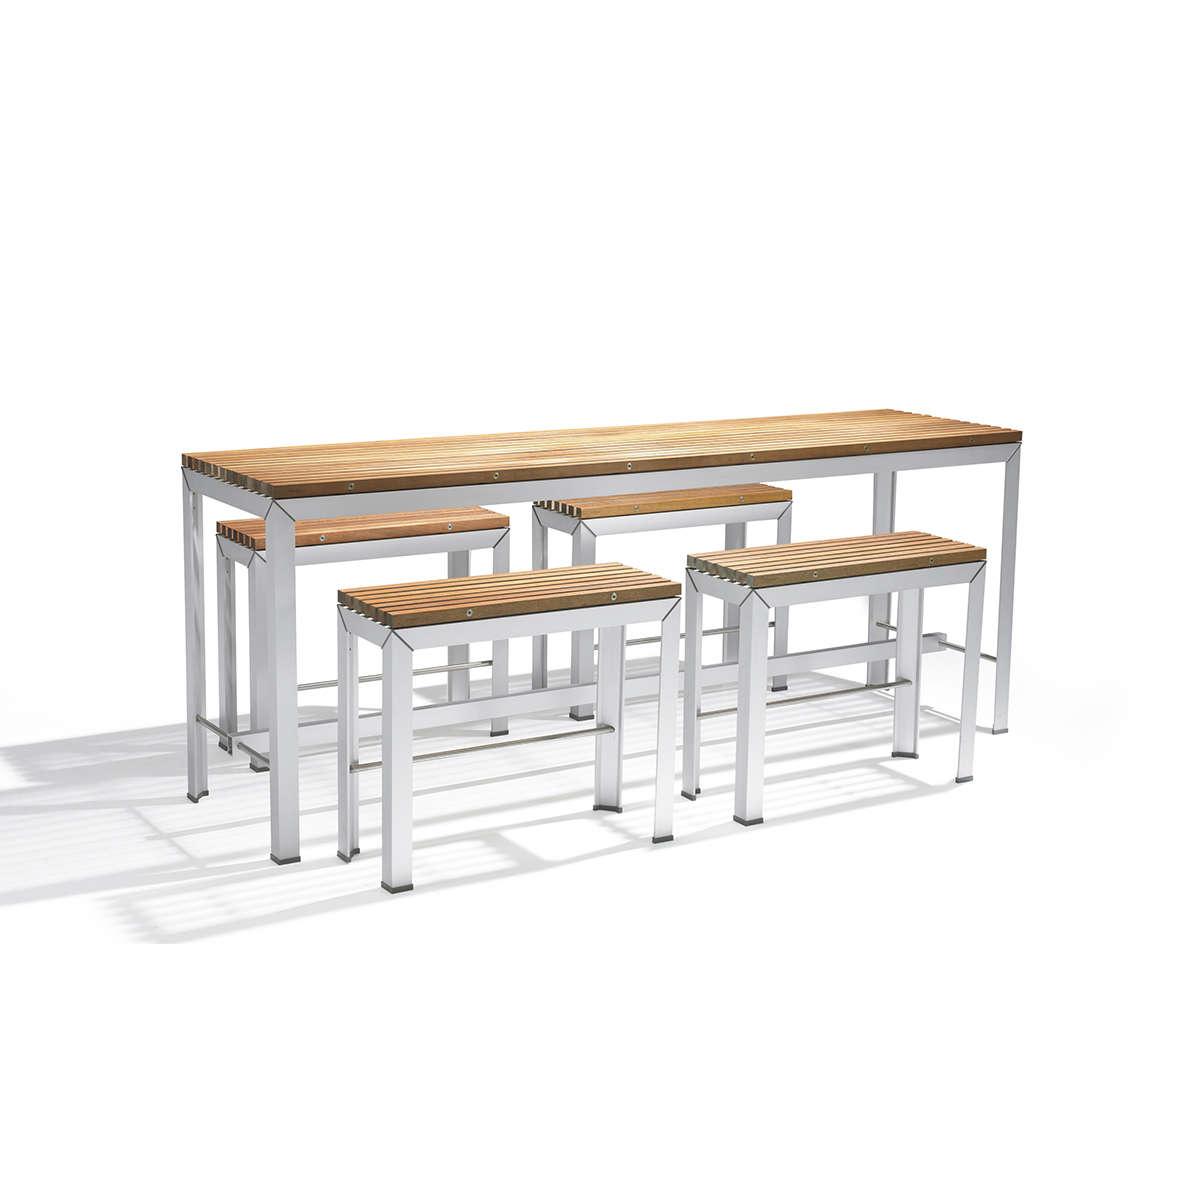 Extempore High Table + Bench